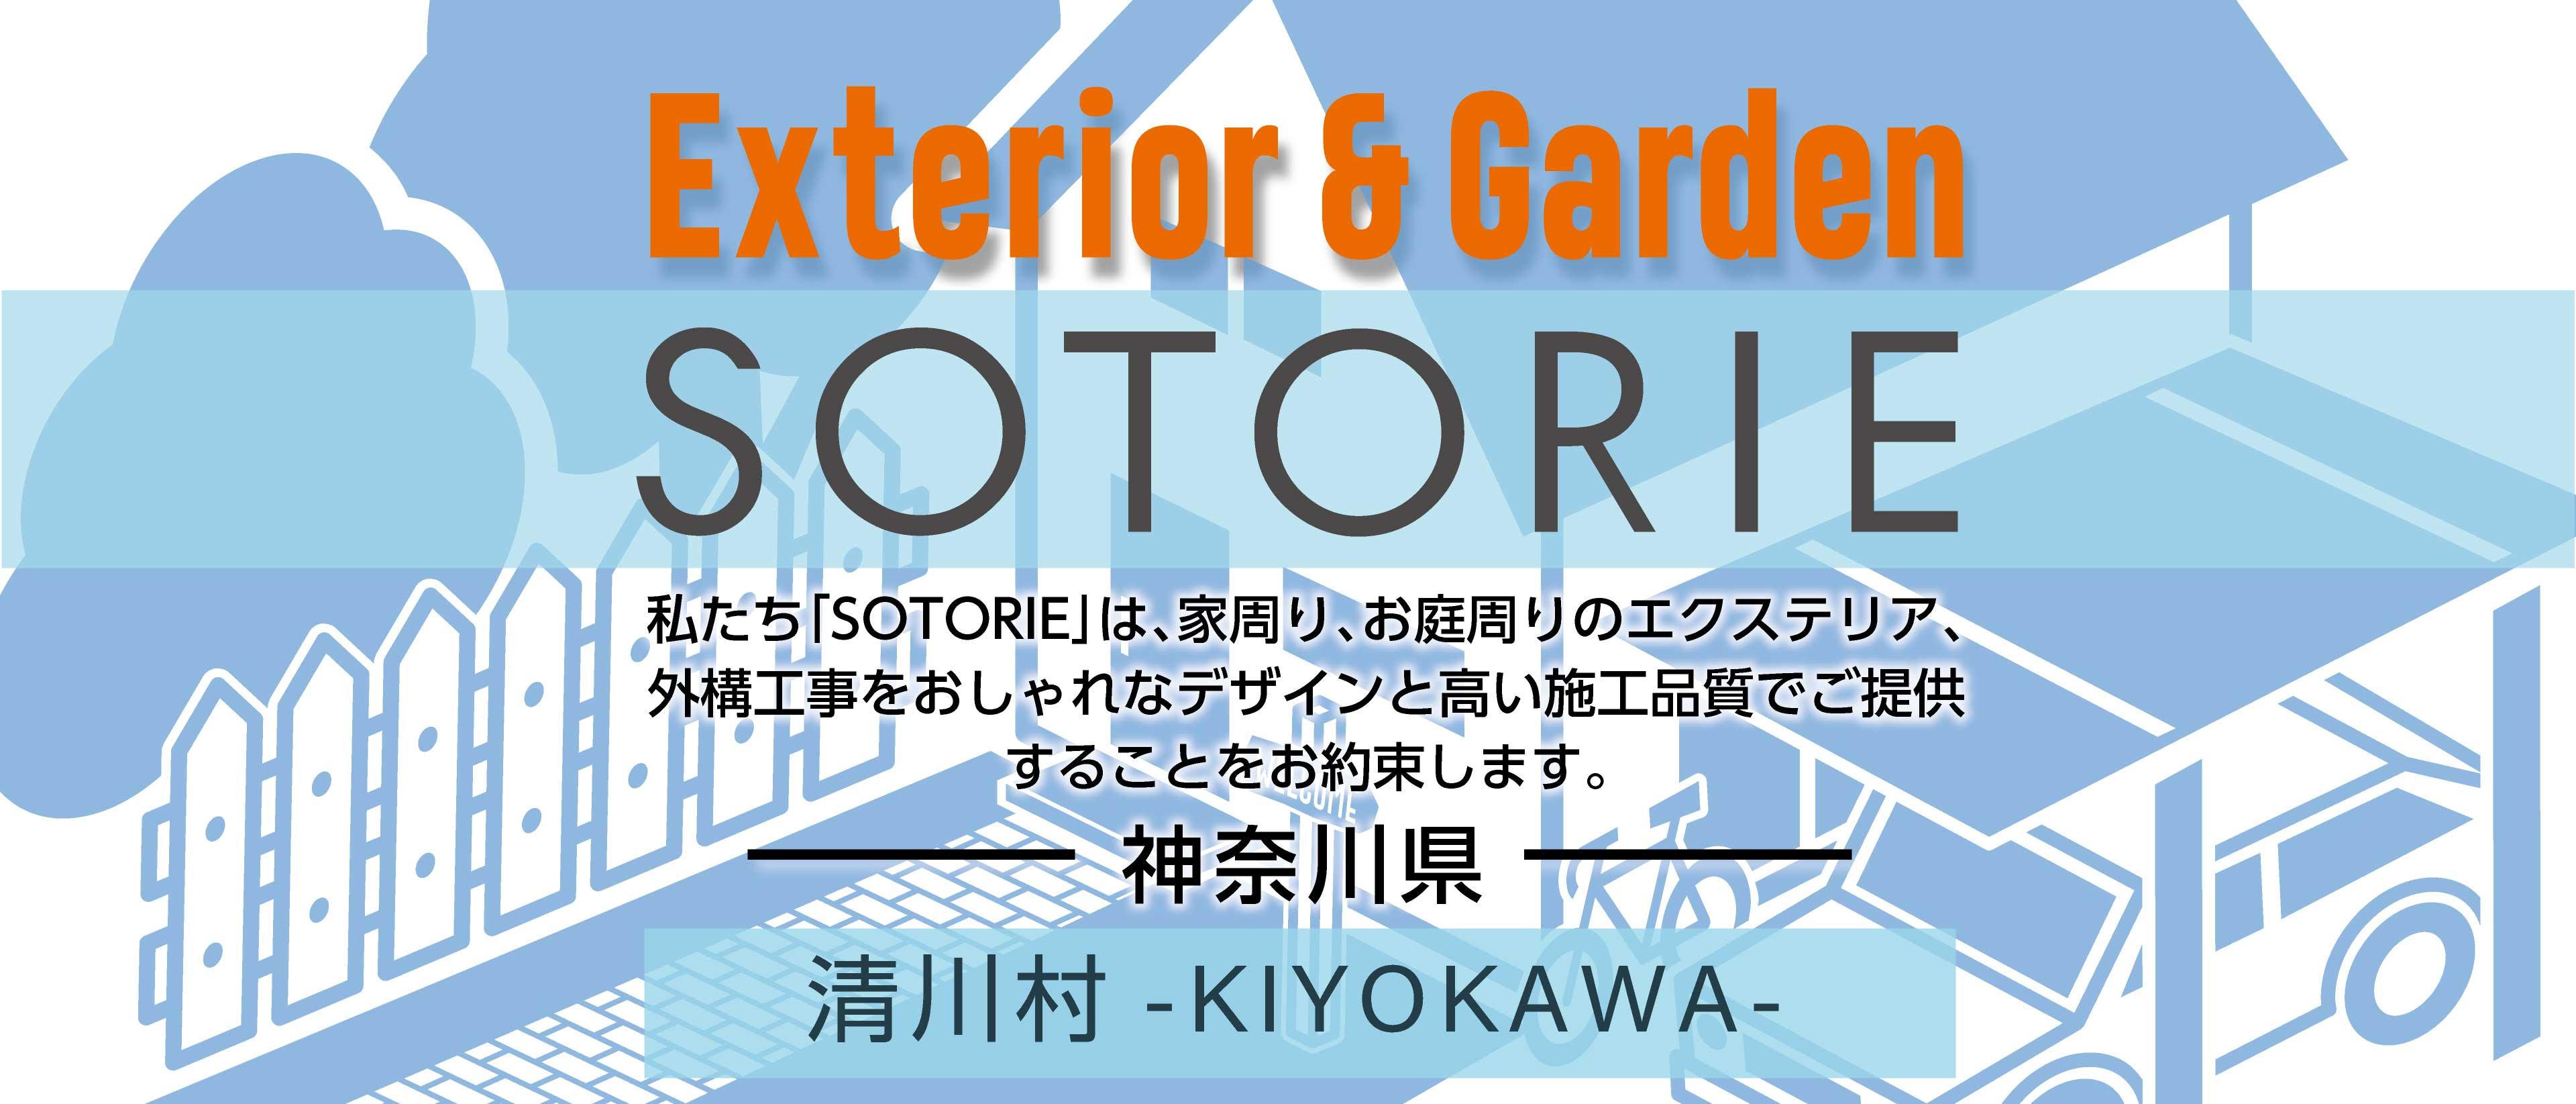 ソトリエ清川村では、家周りと庭周りの外構、エクステリア工事をおしゃれなデザインと高い施工品質でご提供することをお約束します。